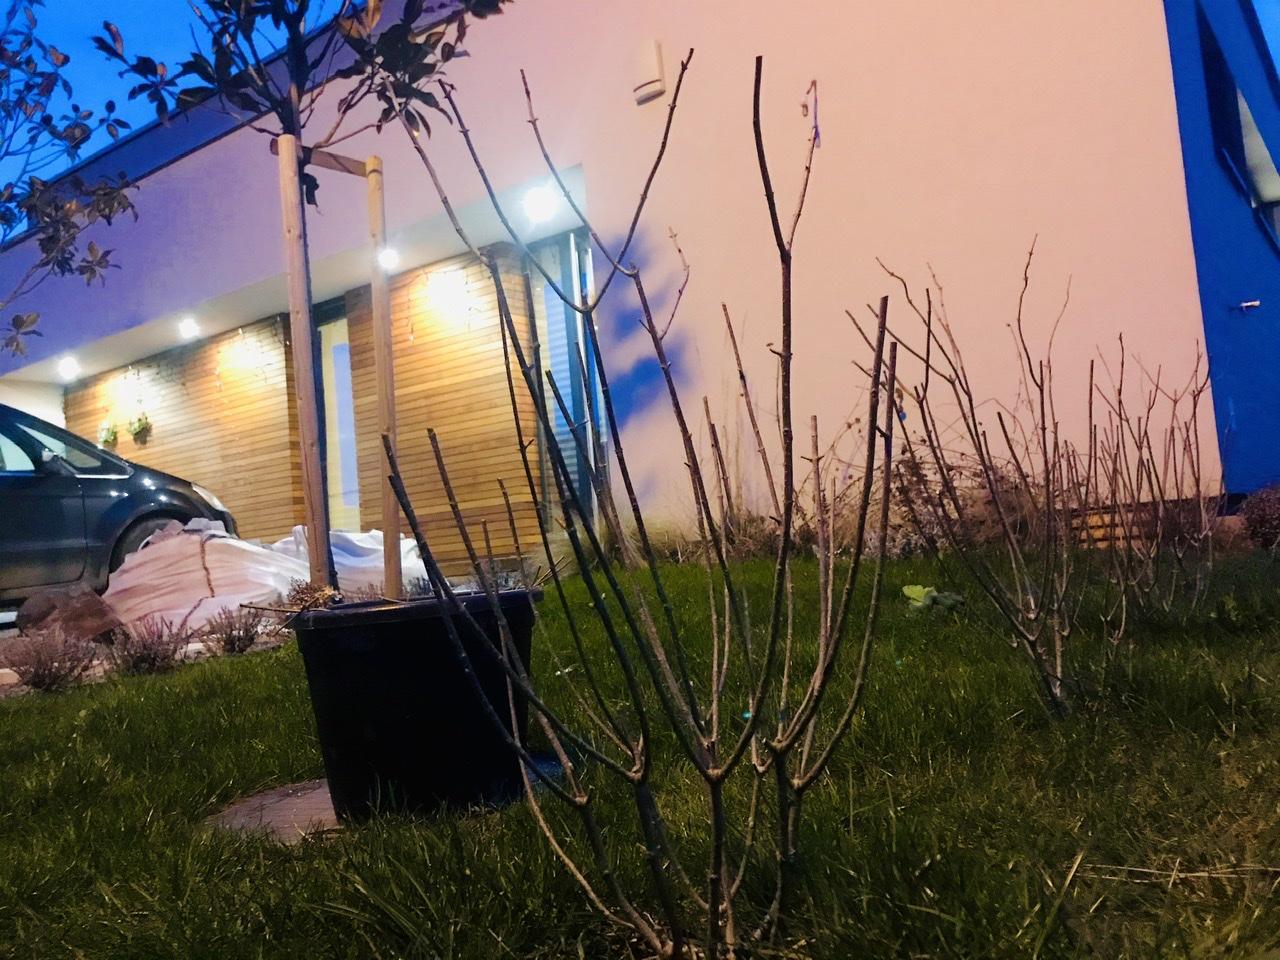 Naše L-ko - 2021 - stále dokončujeme - Bočný lem zahrady z hortenzií a prvé strihanie - limelite - Striham podla tohoto návodu pre kvety od dola až hore http://pavelchlouba.blogspot.com/2016/03/jak-rezat-hortenzii-latnatou.html